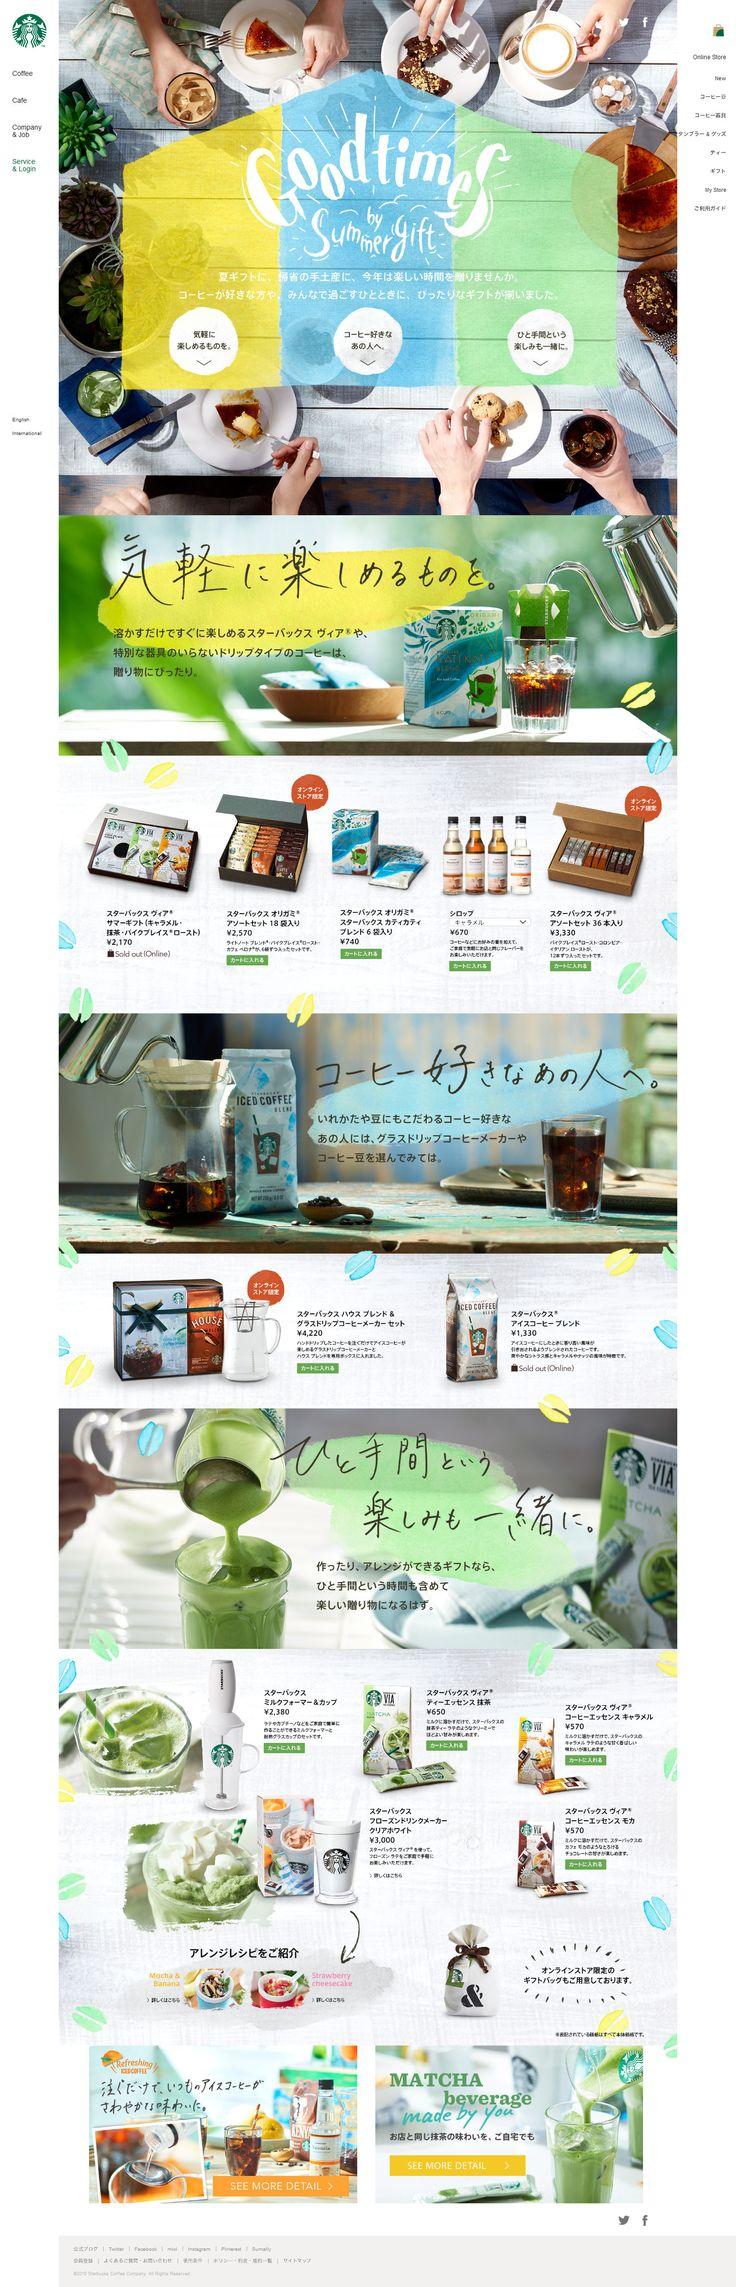 http://www.starbucks.co.jp/gift/?nid=wh_06_pc